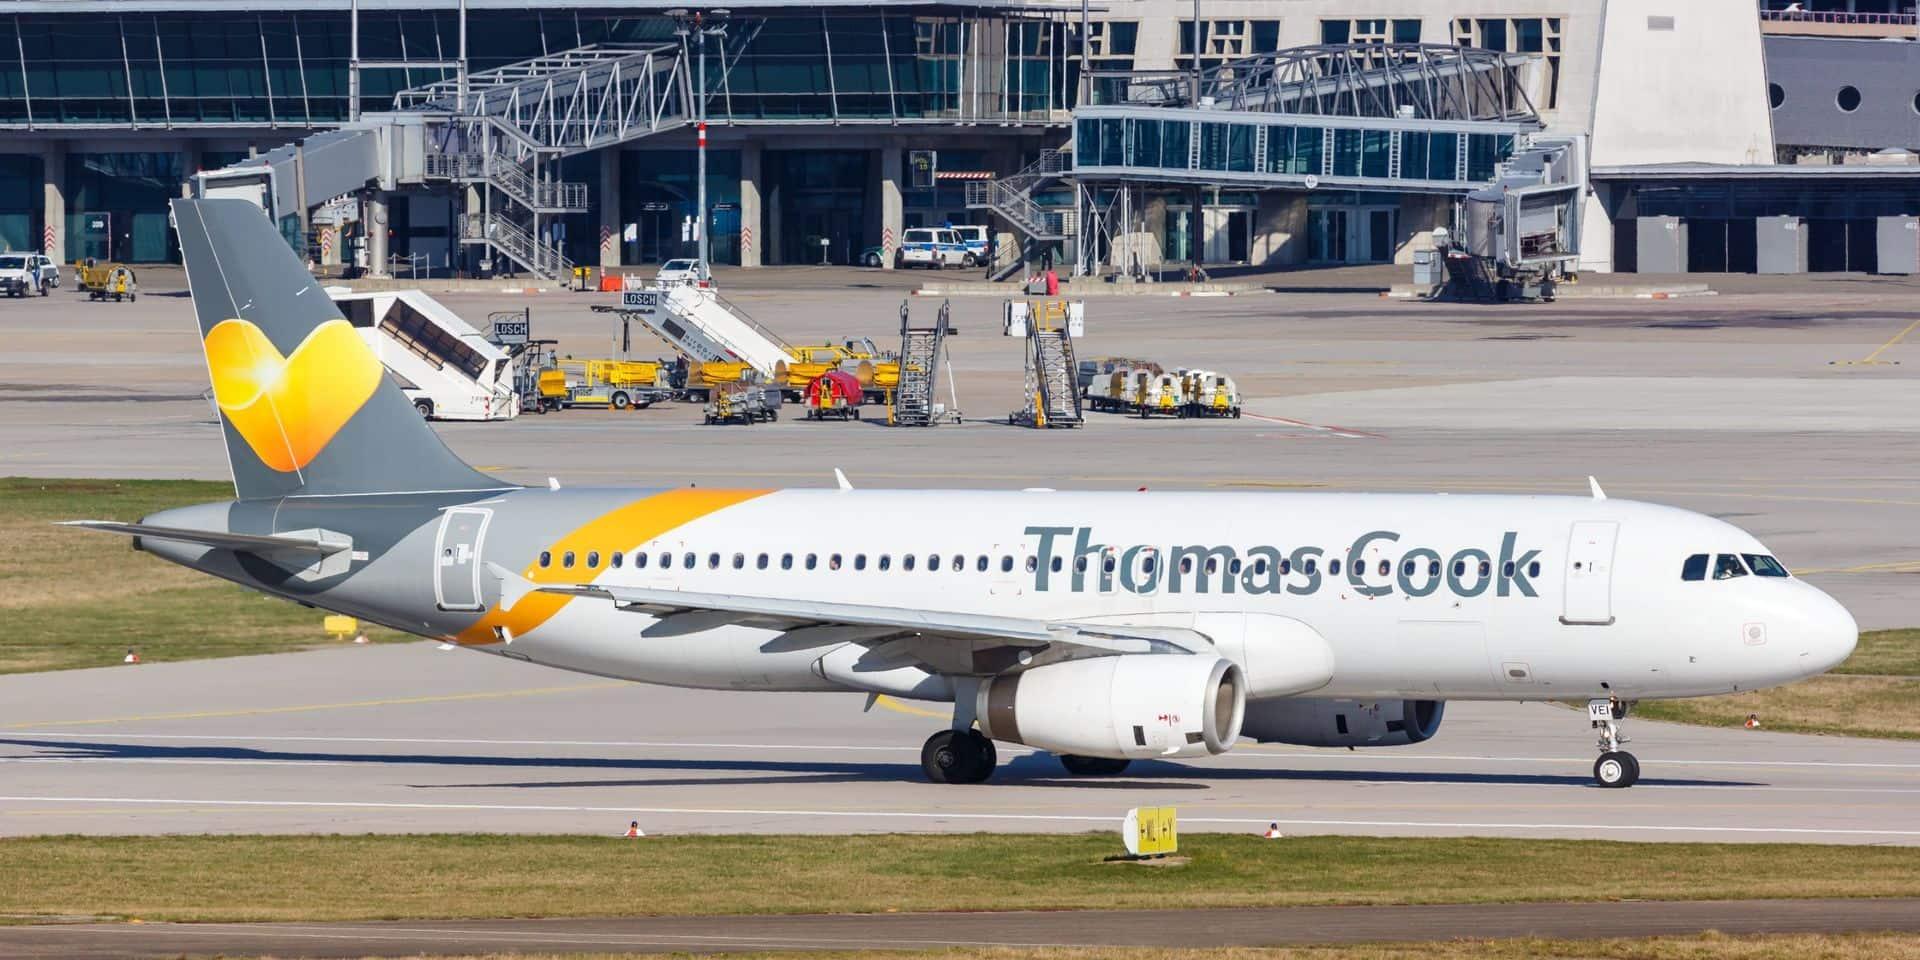 Coup de tonnerre pour le tourisme européen: des centaines de milliers de touristes pourraient être rapatriés à cause de Thomas Cook